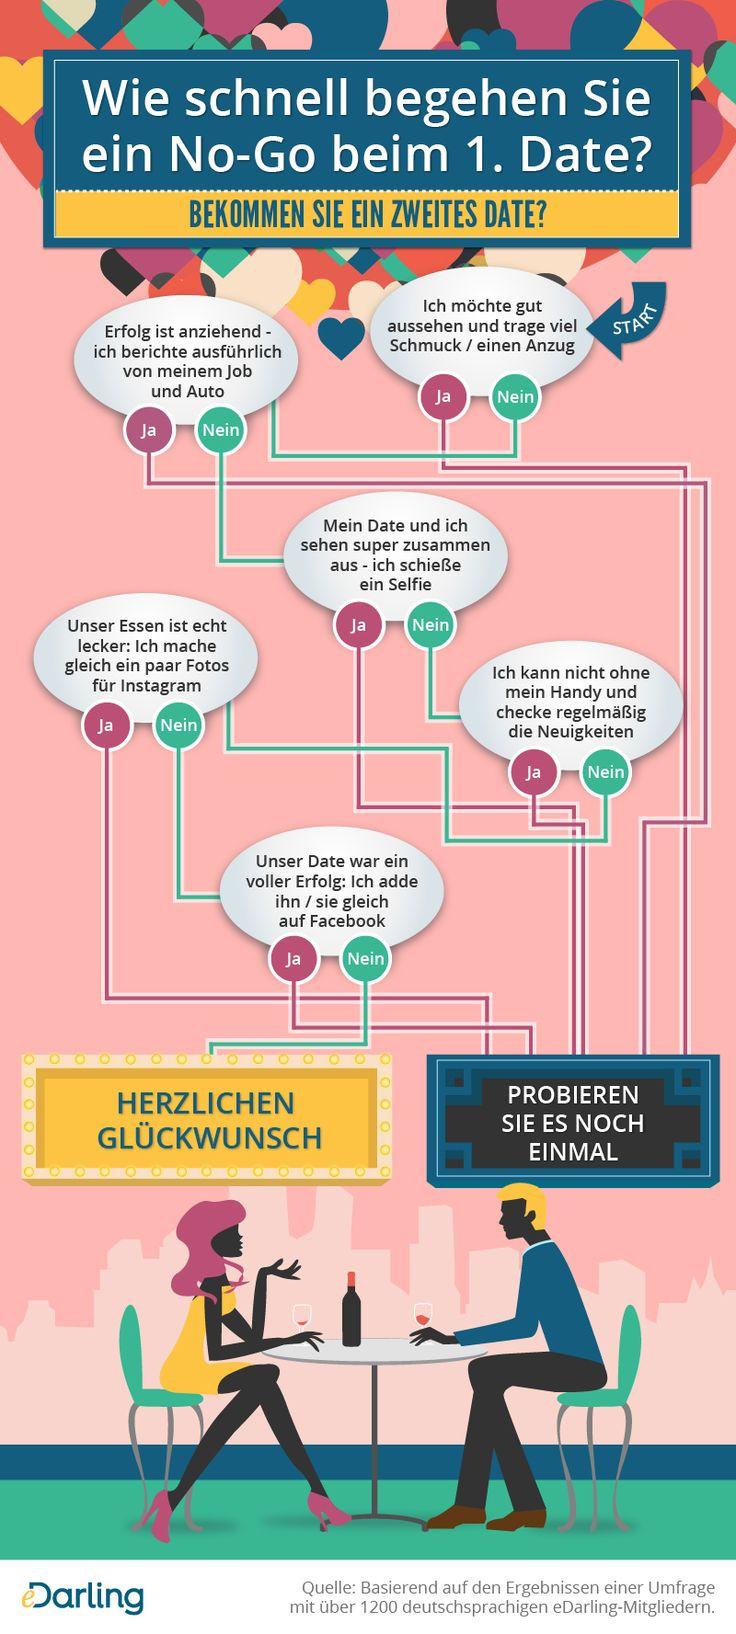 Infografik: Wie schnell begehen Sie ein No-Go beim 1. Date? Bekommen Sie ein zweites Date?